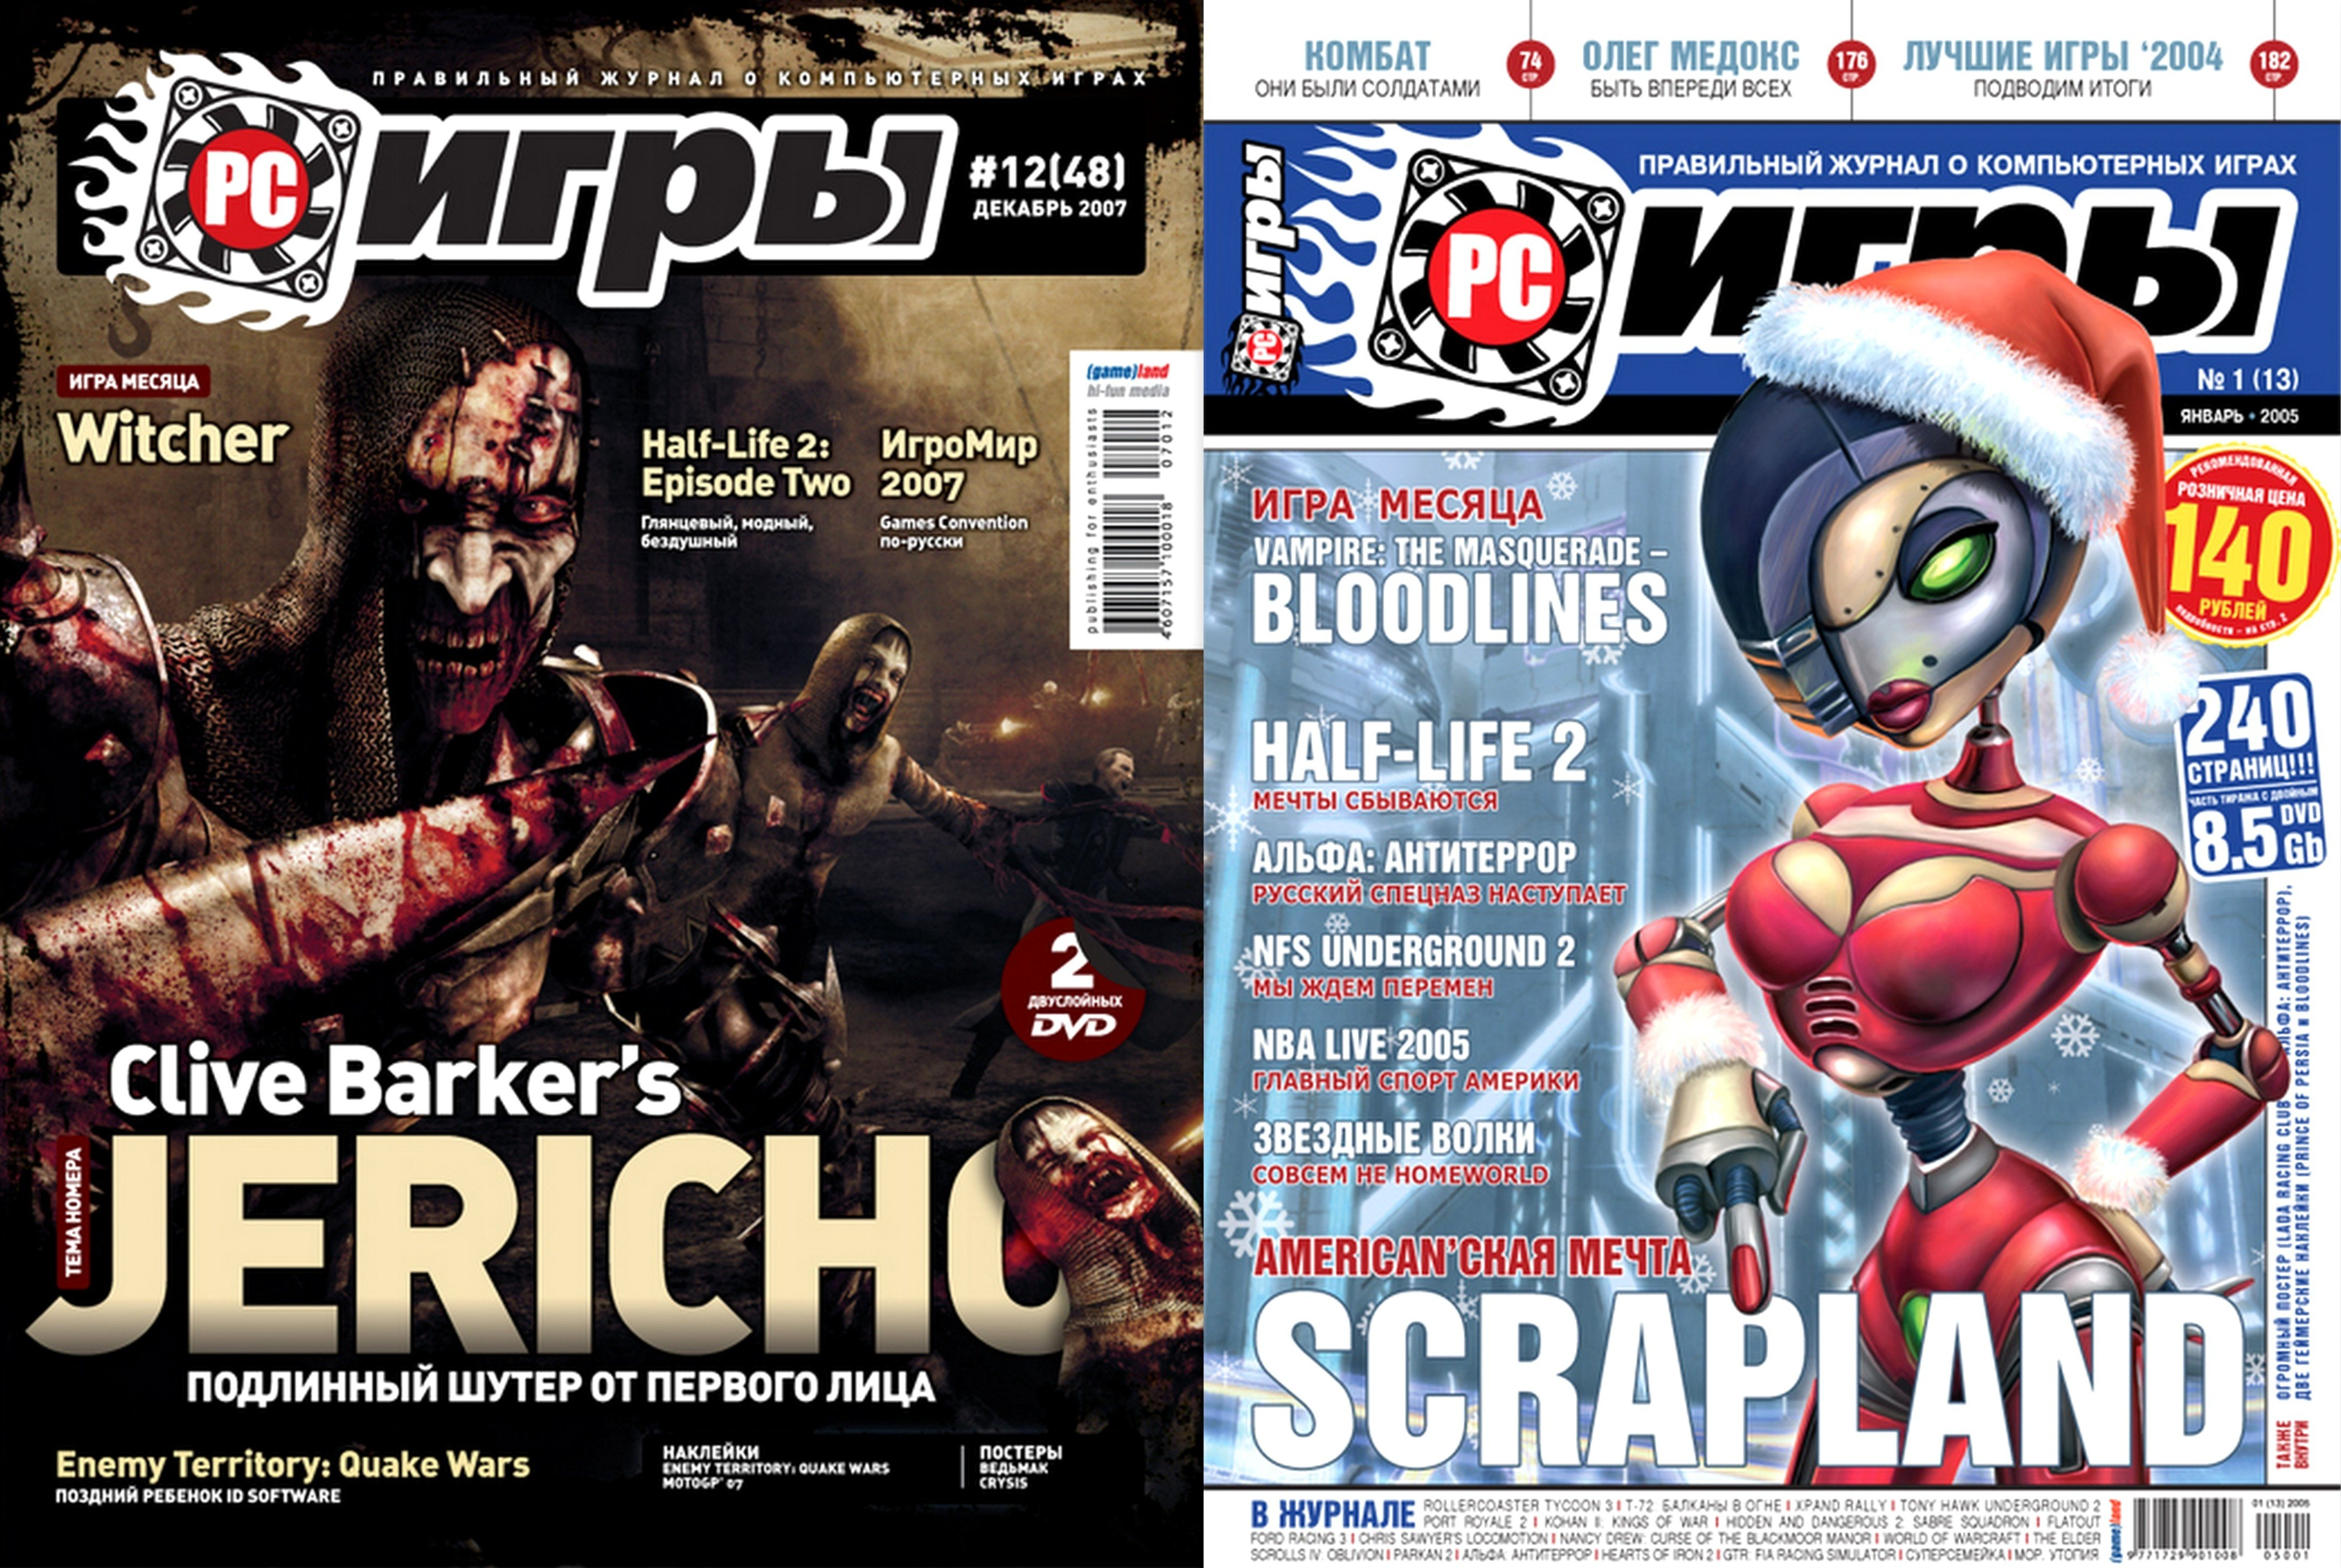 Я открыл для себя журнал PC Игры еще в 2005-м году, когда мне срочно нужно было чтиво, чтобы не сдохнуть со скуки во ... - Изображение 1